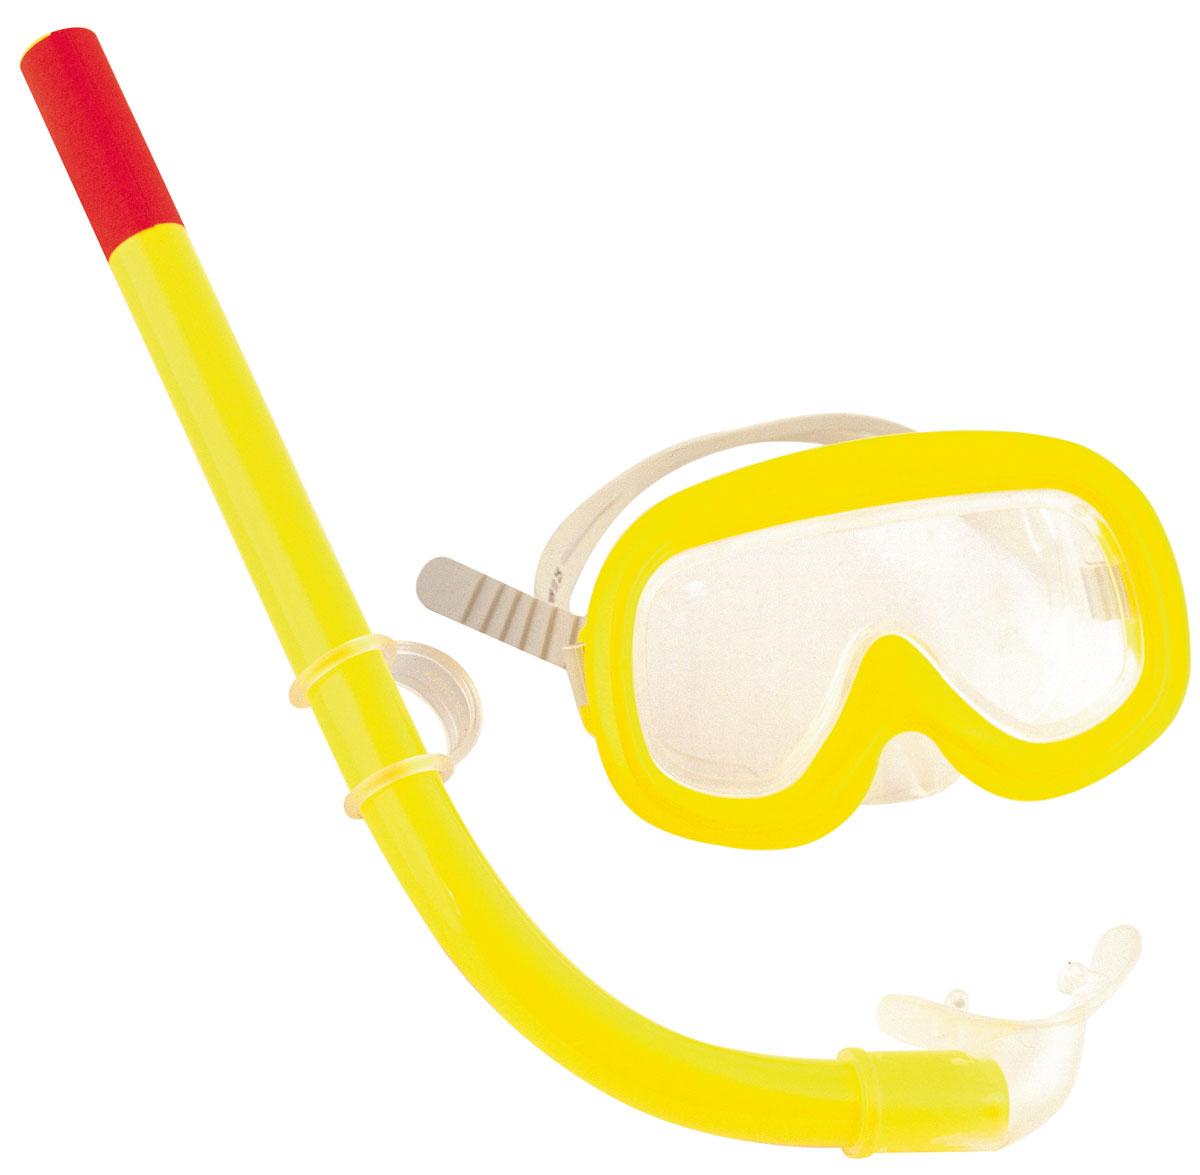 Bestway Детский набор для ныряния Sun. 2400624006Детский набор для ныряния Bestway Sun предназначен для малышей в возрасте от 3 до 6 лет. В комплект входит удобная маска, обеспечивающая хороший обзор и прочное крепление, и трубка со специальным стандартным изгибом, надежно предотвращающая попадание воды. С таким набором вы можете быть спокойны за безопасность ребенка, изучающего подводный мир. Гарантией качества, удобства и прочности этого набора является его известный производитель Bestway. Этот бренд, появившийся еще в 1993 году, зарекомендовал себя на рынке как изготовитель первоклассных изделий для активного отдыха.